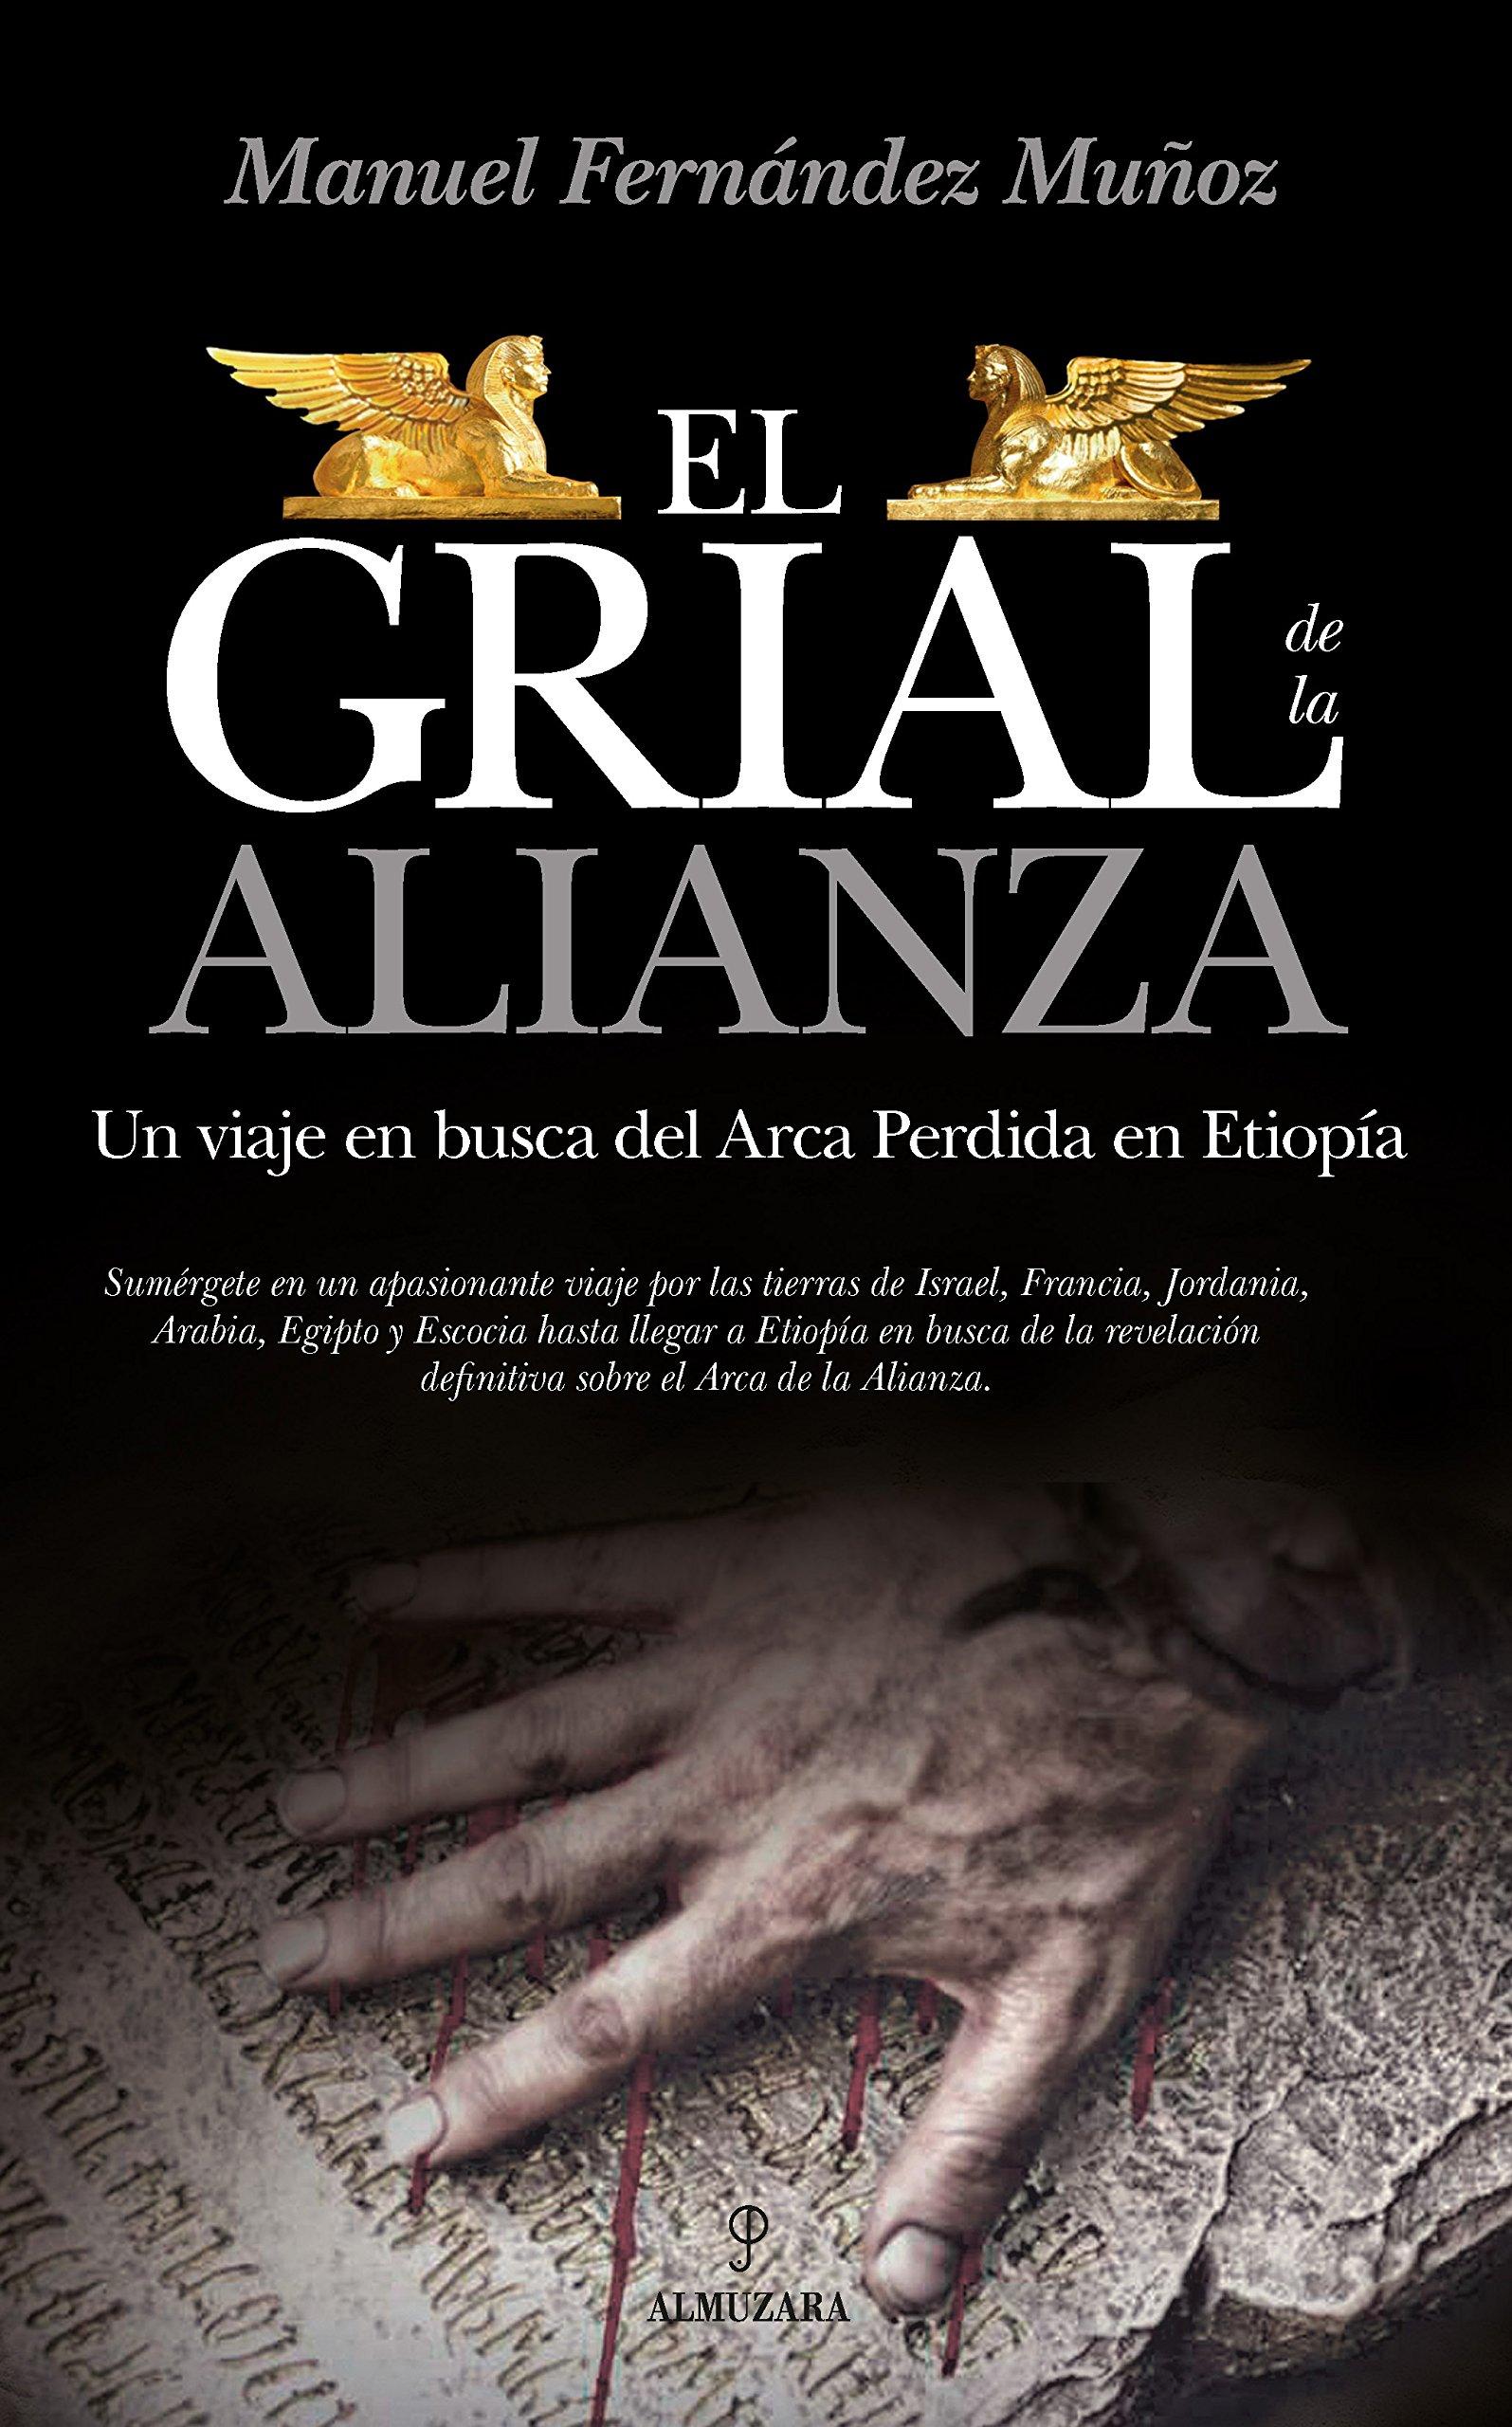 El Grial de la Alianza (Enigma): Amazon.es: Fernández Muñoz, Manuel: Libros